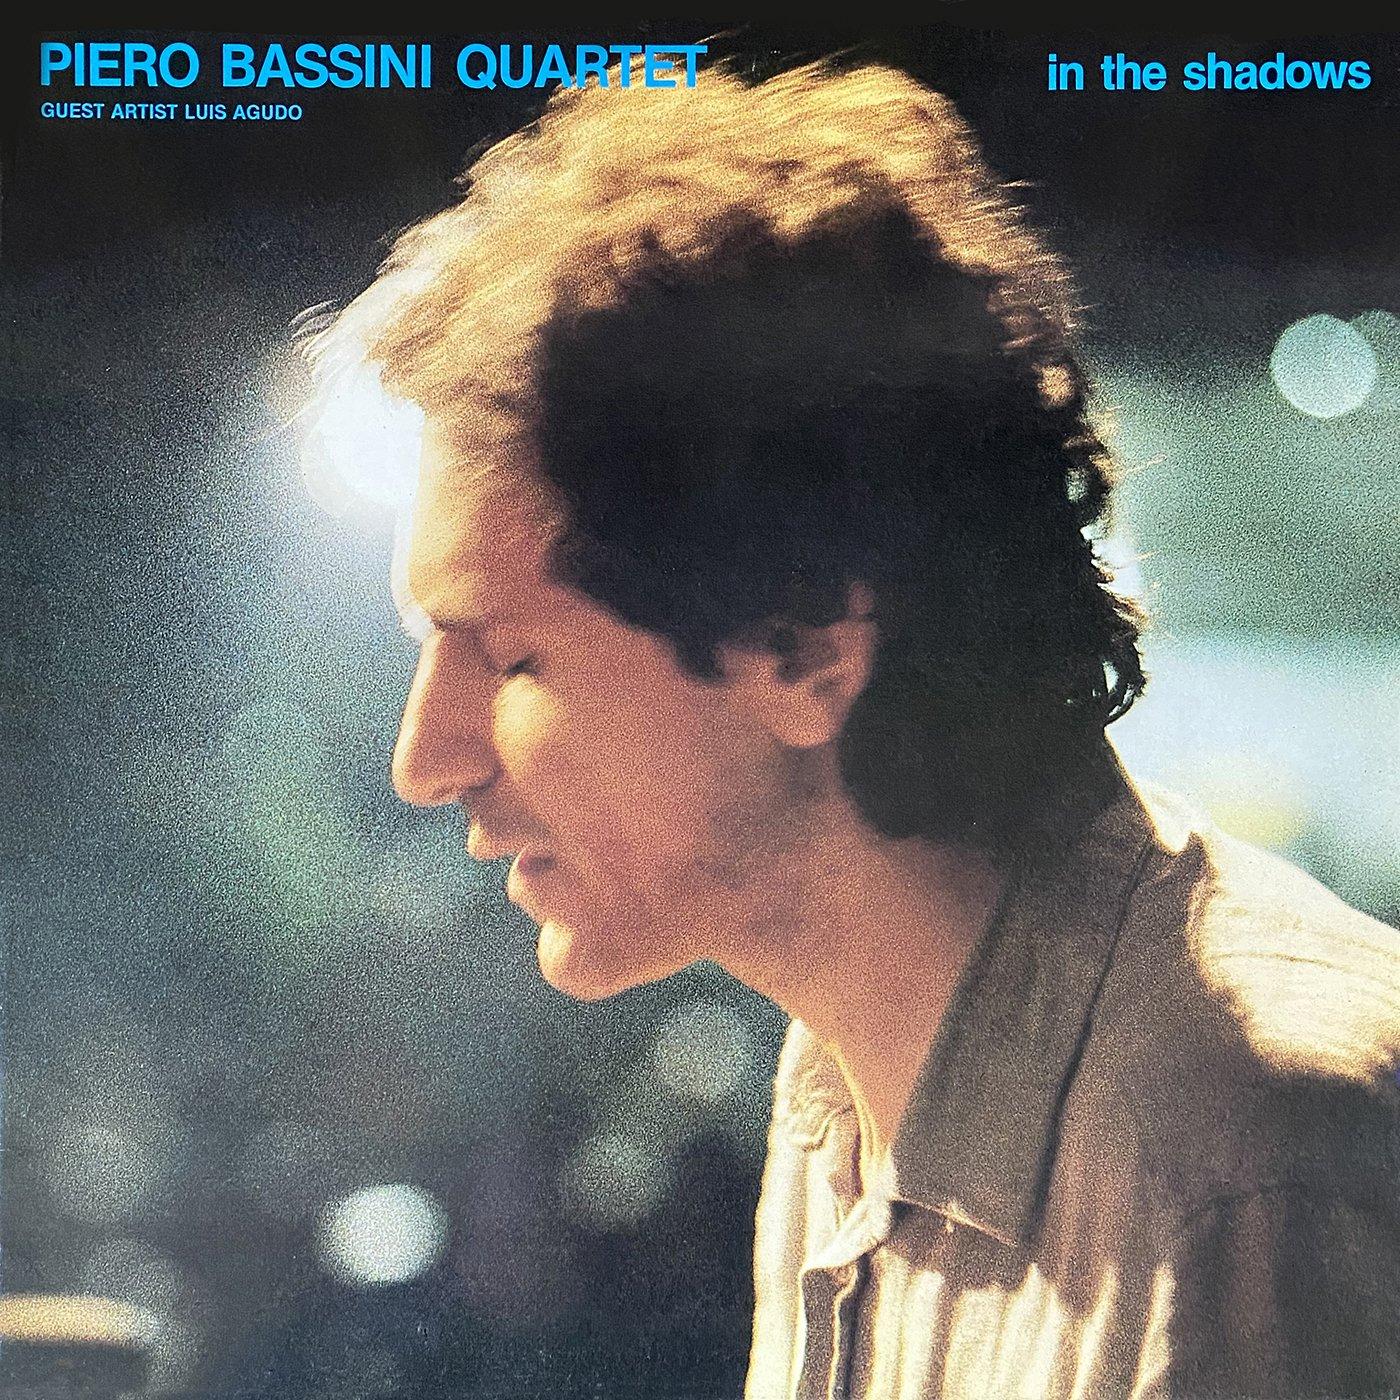 In The Shadows - Piero Bassini QuartetGuestLuis Agudo